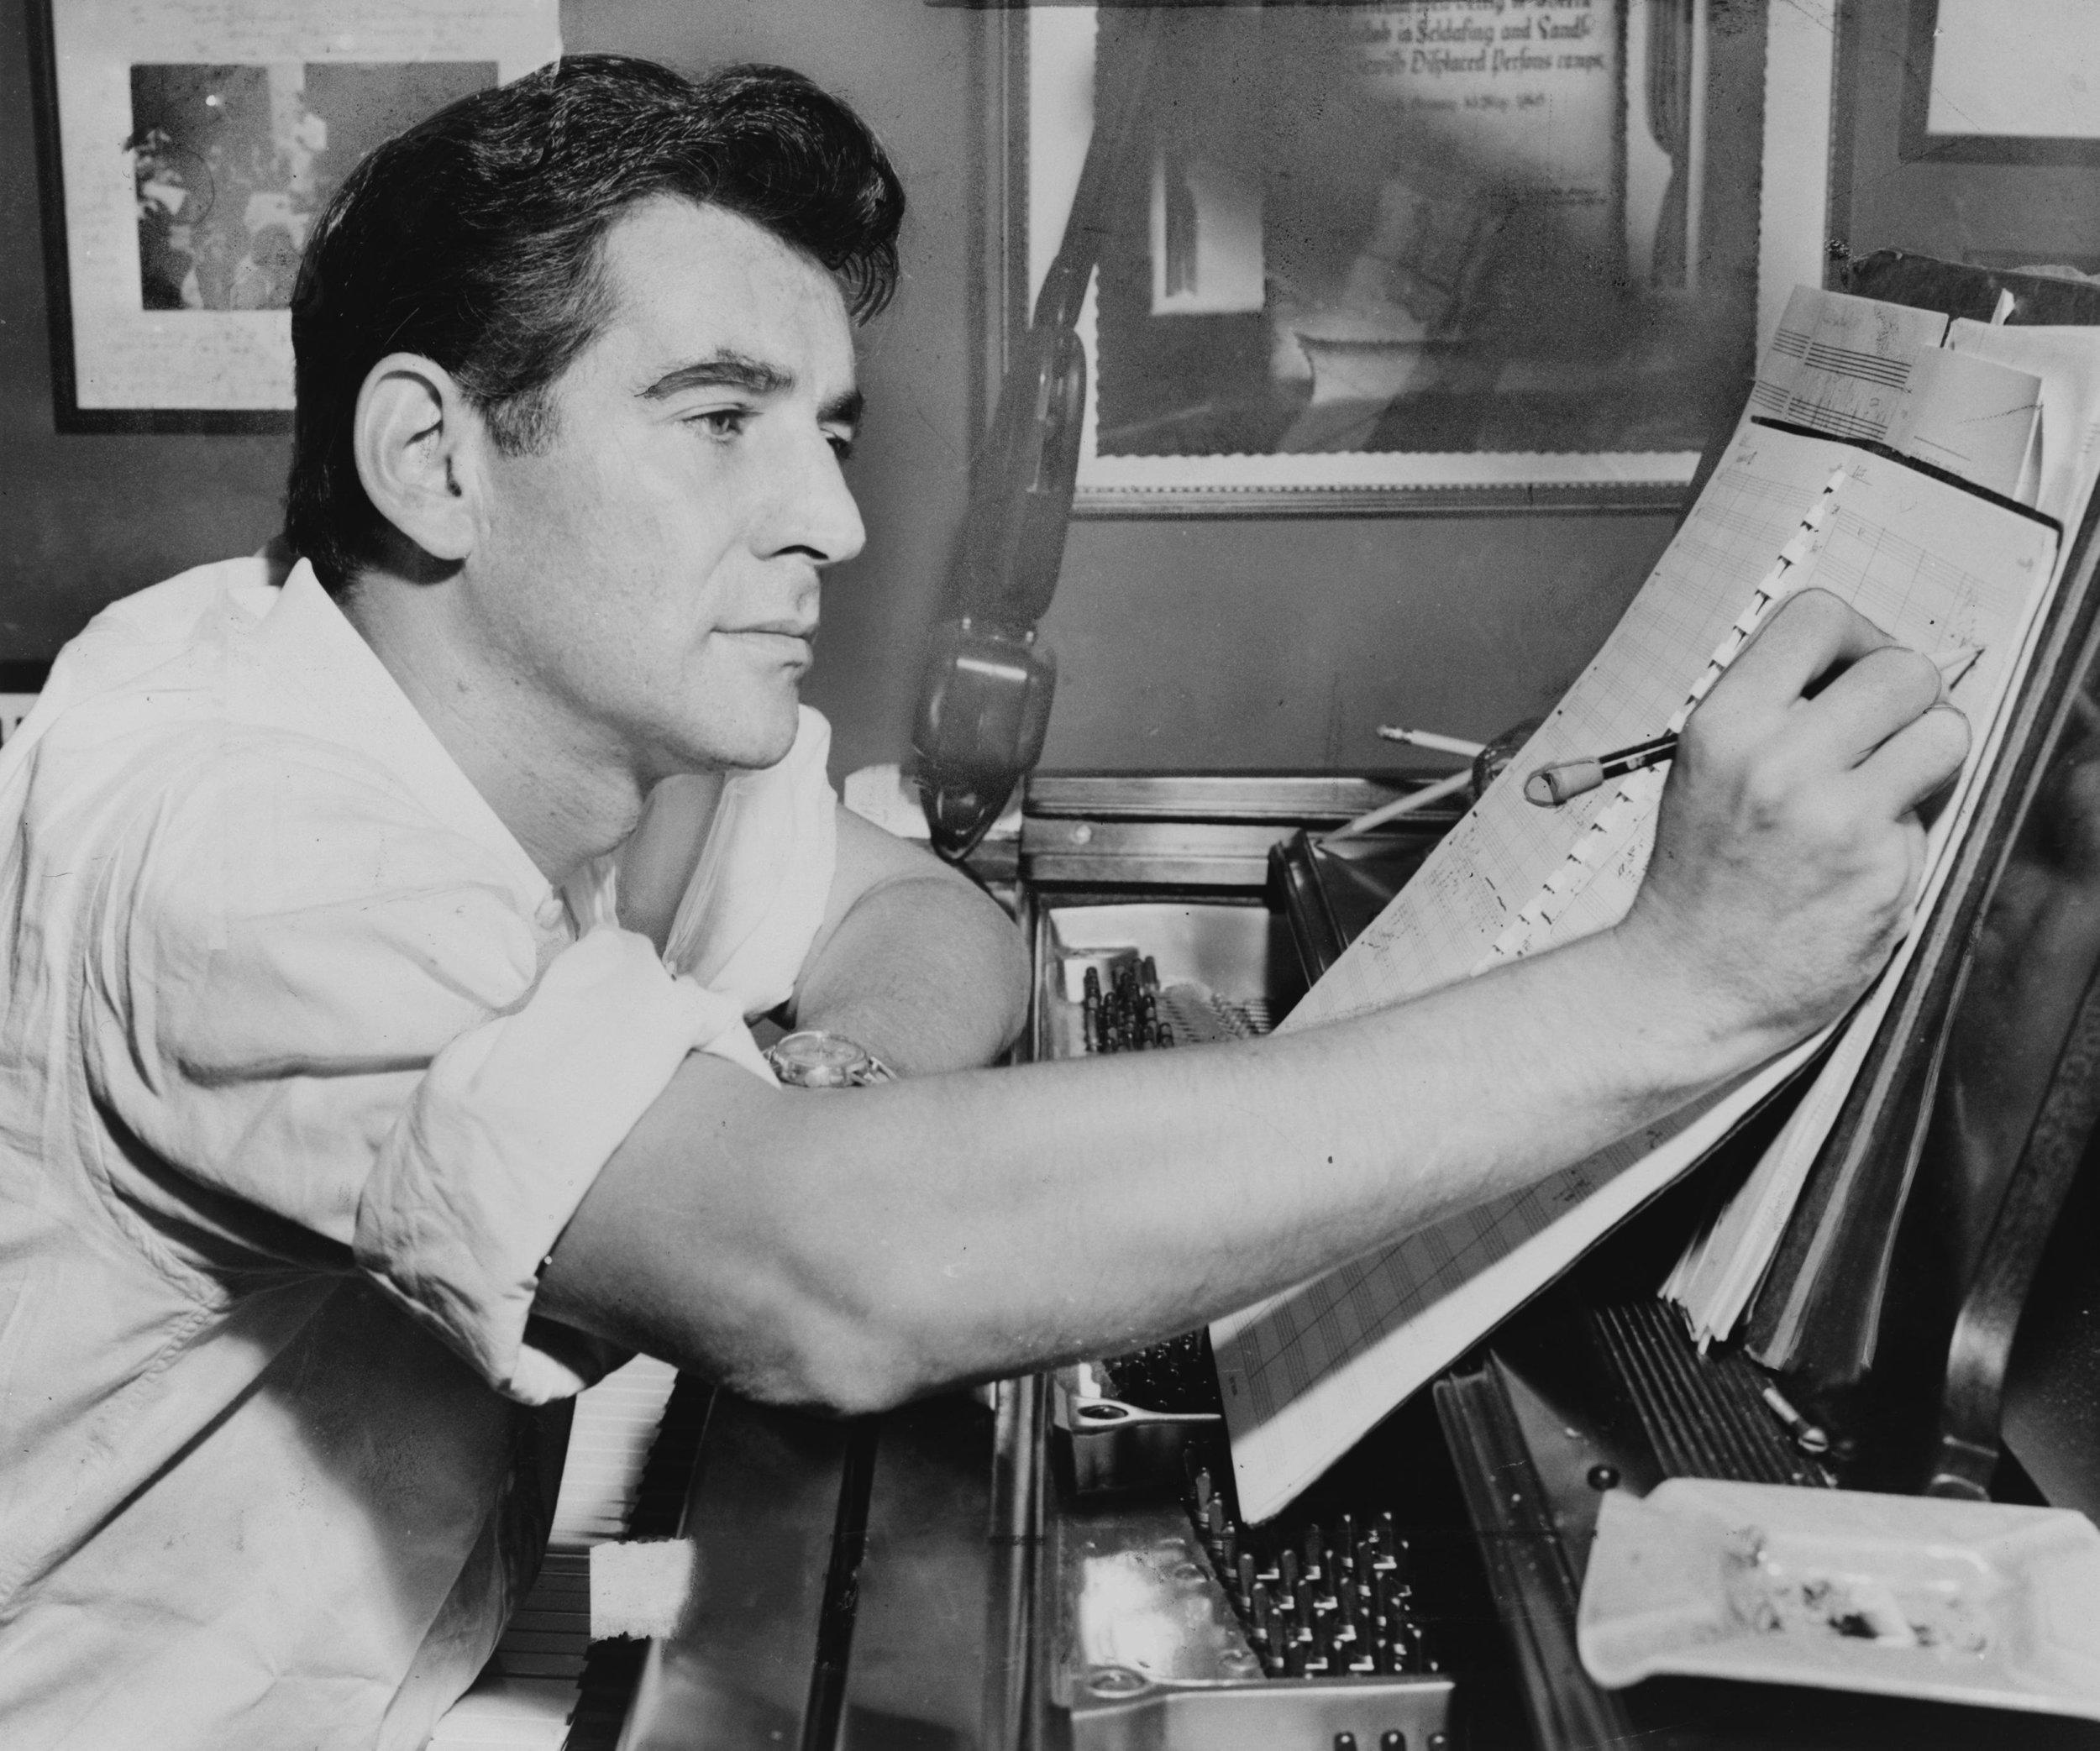 Composer Leonard Bernstein